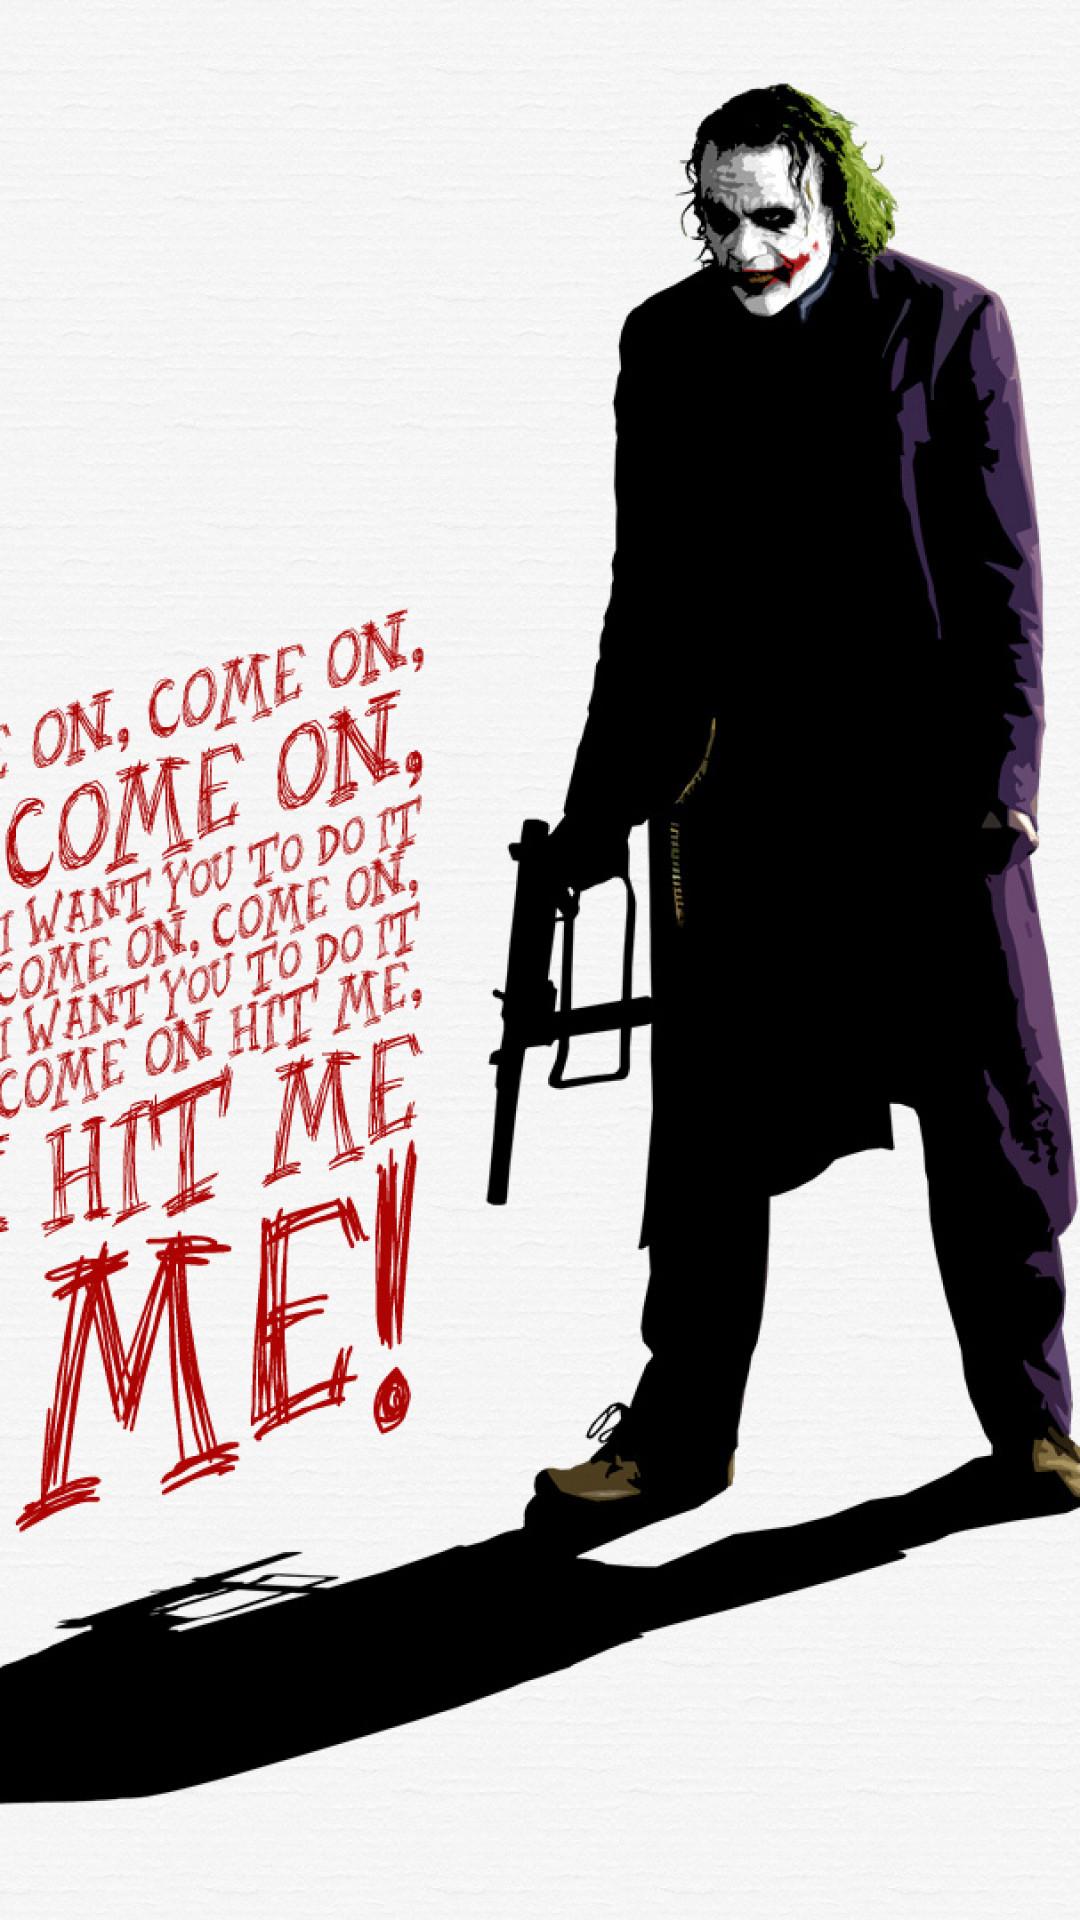 Heath Ledger Joker Wallpaper - Amnet